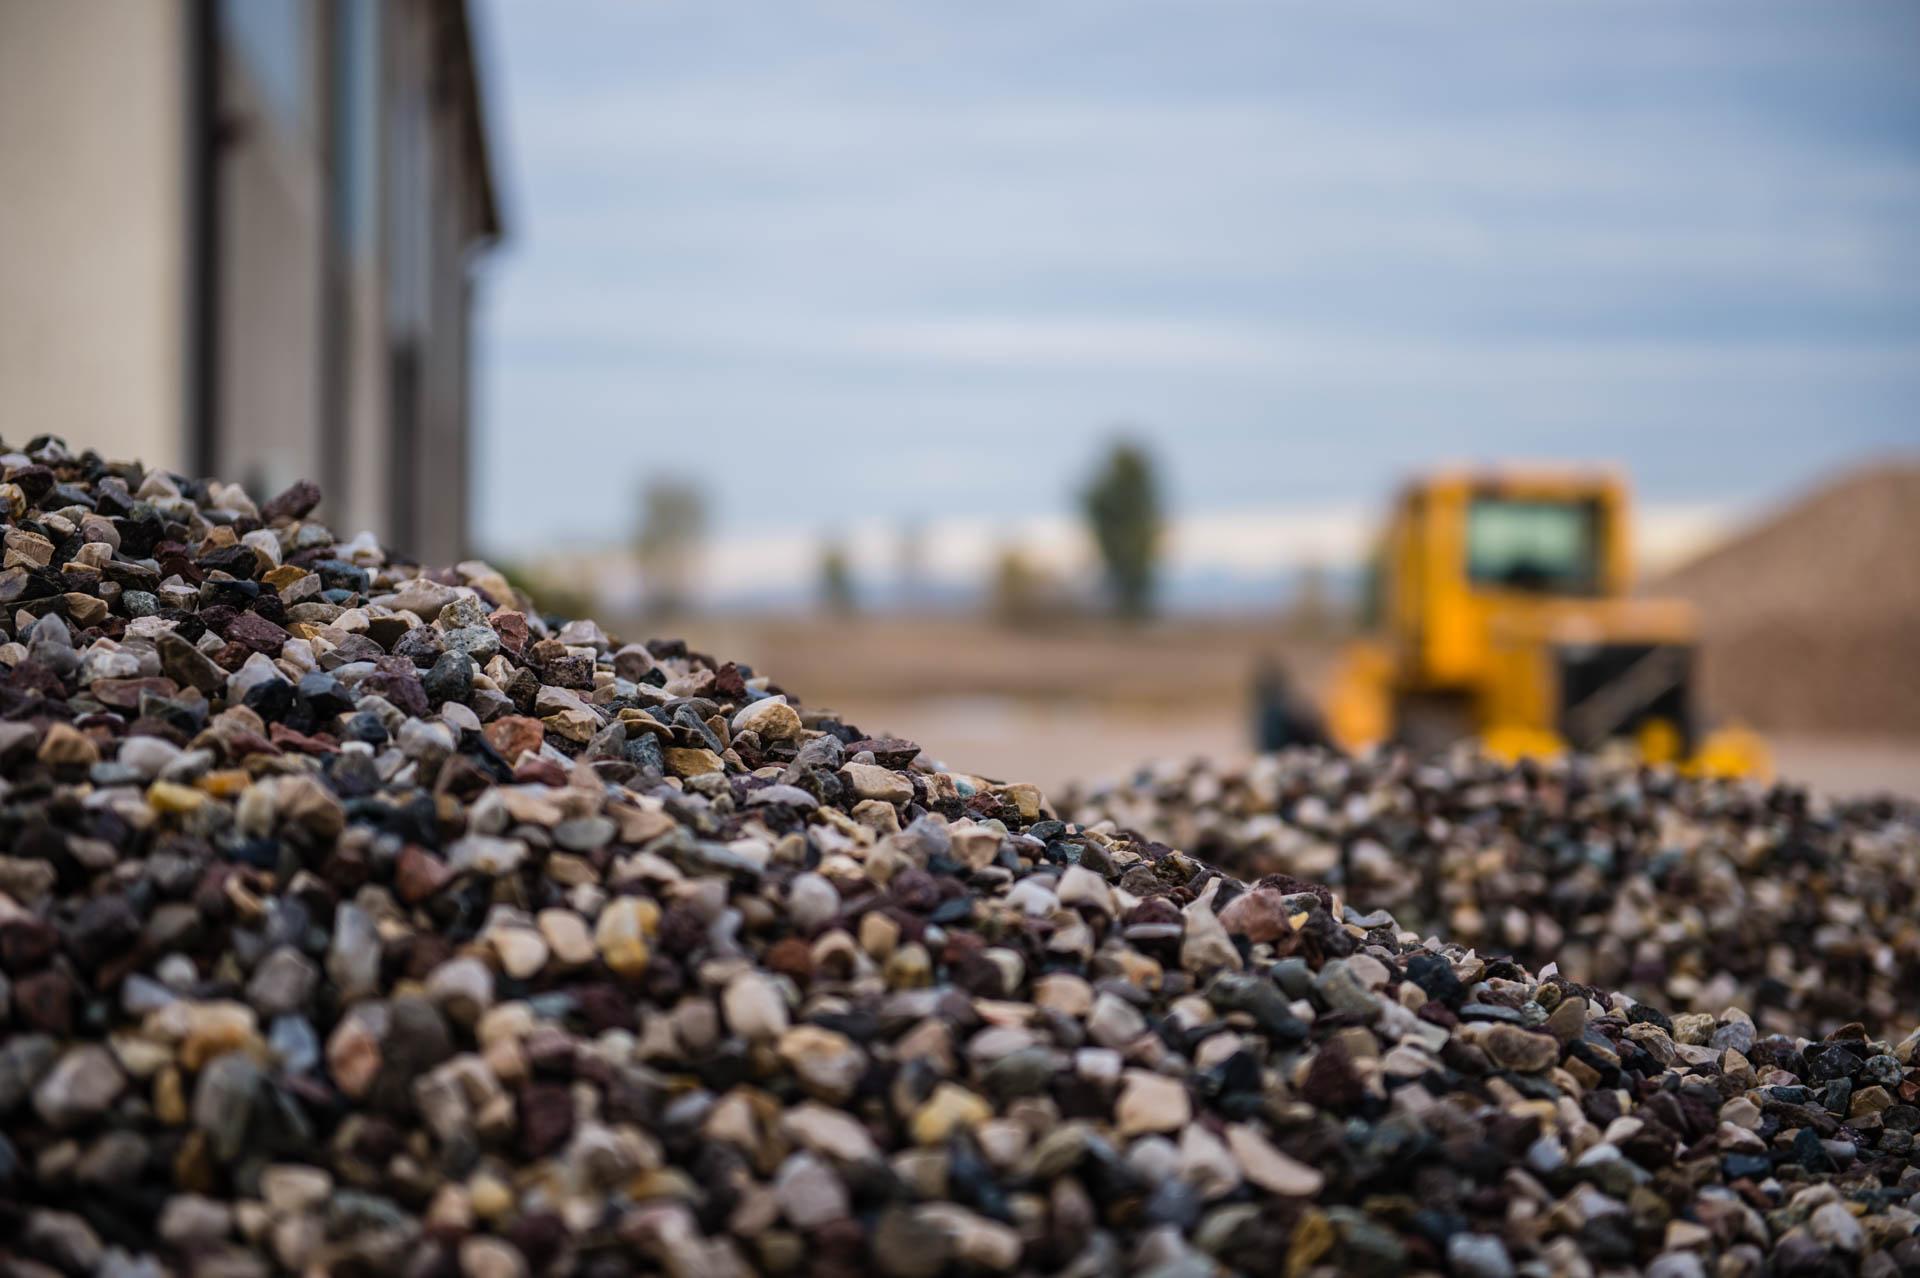 Sartori Fratelli - Vendita materiali inerti come sabbia, terra, ghiaia e molto altro - Verona, Mantova e province limitrofe